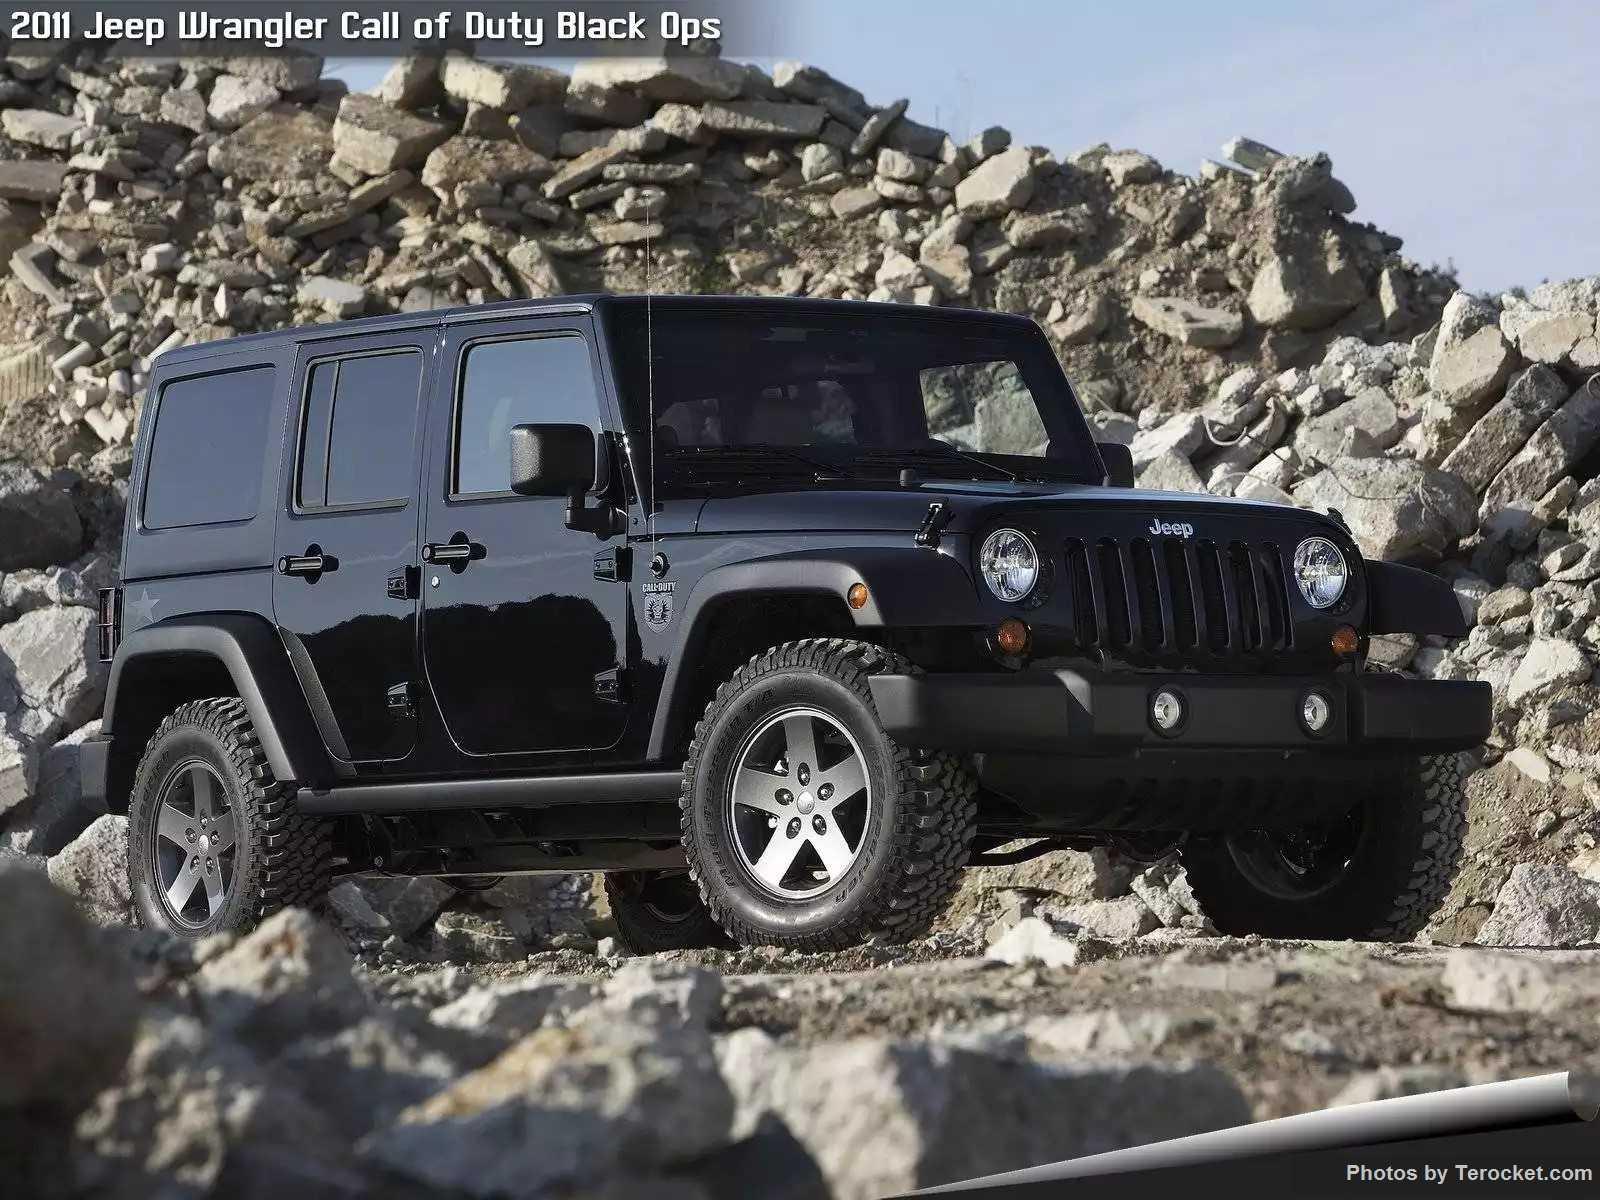 Hình ảnh xe ô tô Jeep Wrangler Call of Duty Black Ops 2011 & nội ngoại thất